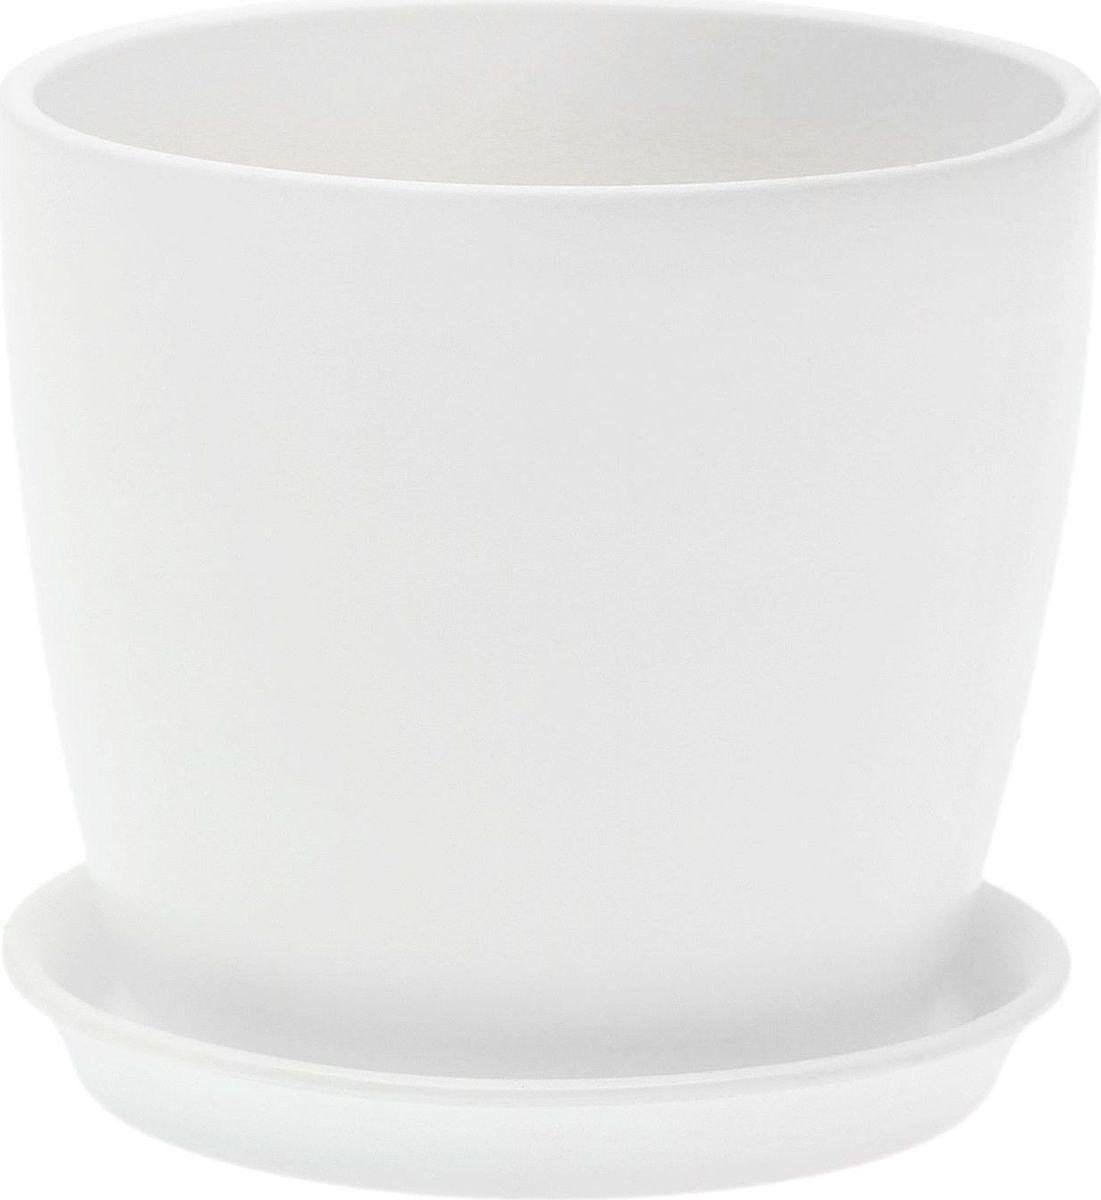 Кашпо Керамика ручной работы Осень. Лак, цвет: белый, 250 мл1968861Комнатные растения — всеобщие любимцы. Они радуют глаз, насыщают помещение кислородом и украшают пространство. Каждому из них необходим свой удобный и красивый дом. Кашпо из керамики прекрасно подходят для высадки растений: за счет пластичности глины и разных способов обработки существует великое множество форм и дизайнов пористый материал позволяет испаряться лишней влаге воздух, необходимый для дыхания корней, проникает сквозь керамические стенки! Кашпо позаботится о зеленом питомце, освежит интерьер и подчеркнет его стиль.